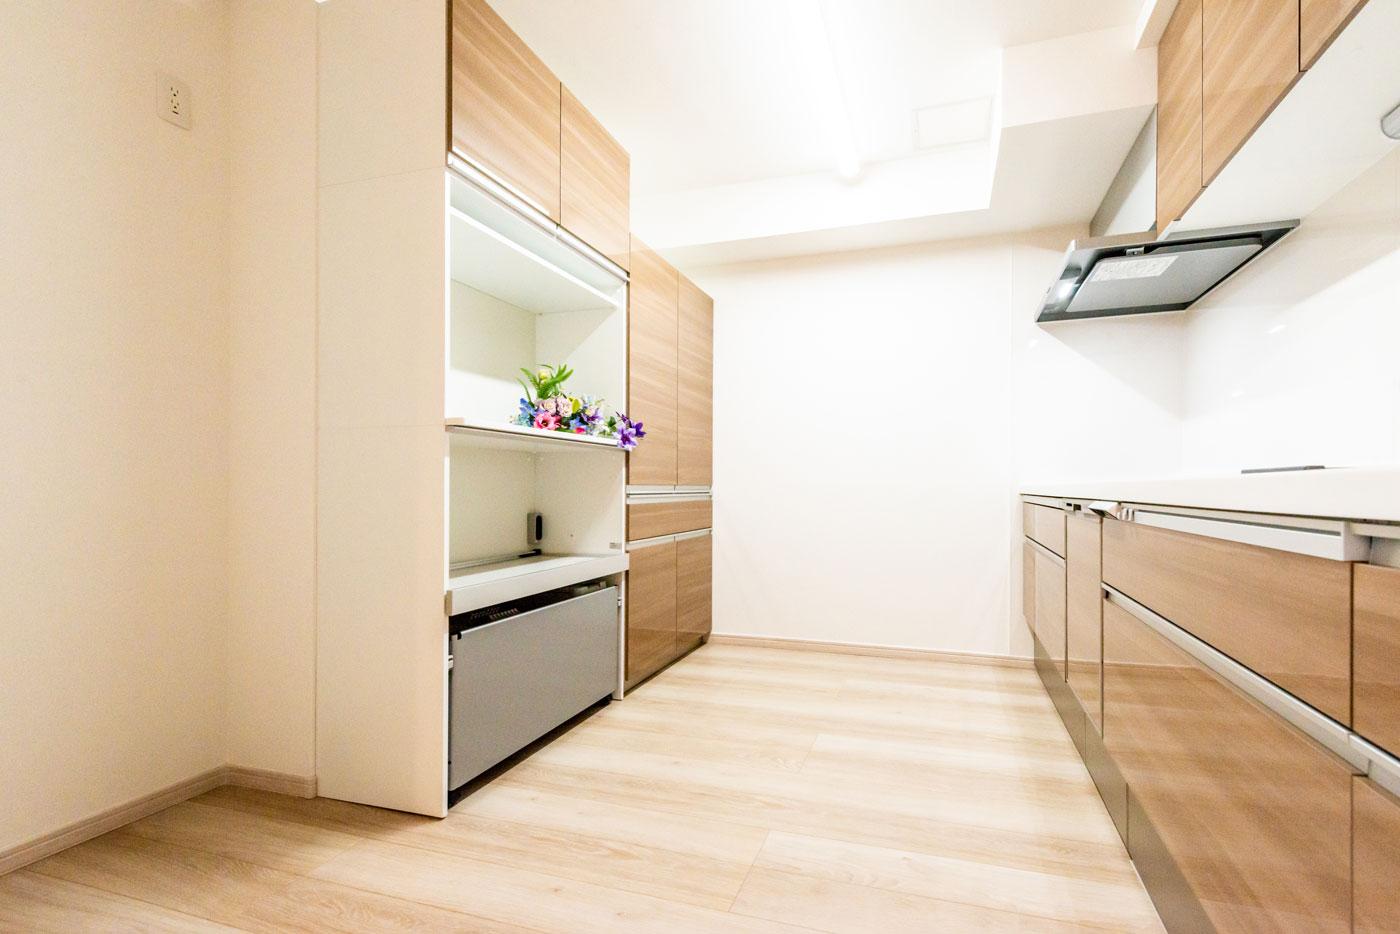 キッチン(床暖房・カップボード)